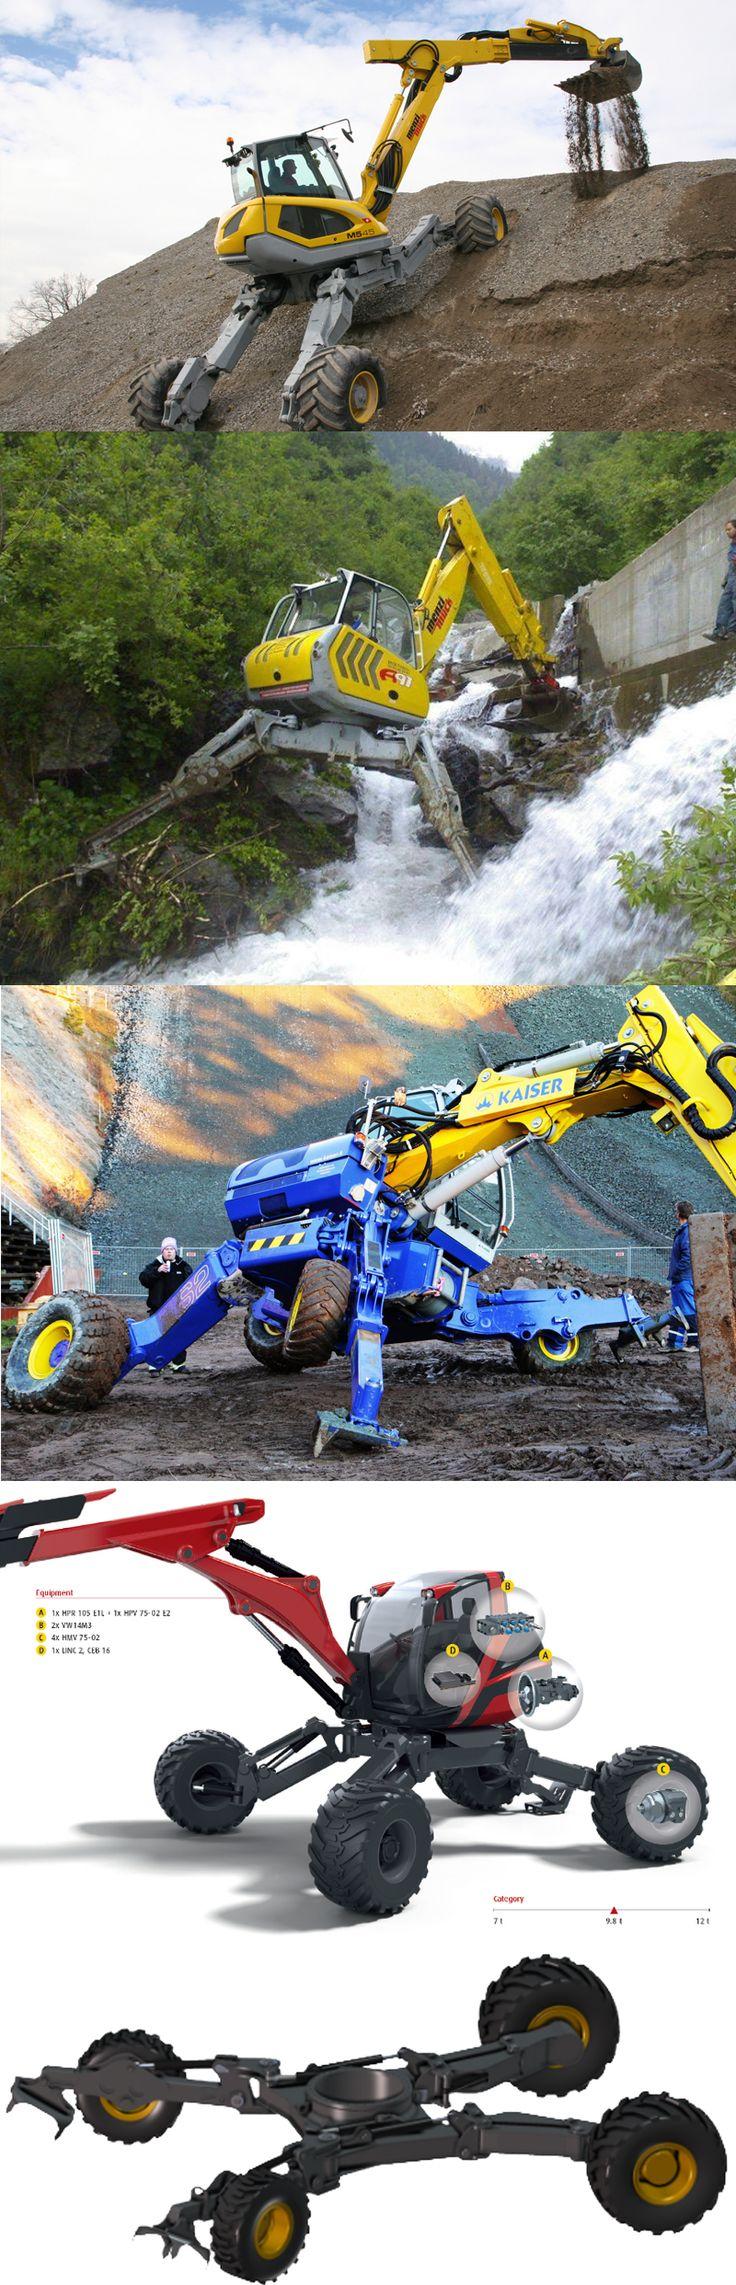 best 25 heavy equipment ideas on pinterest excavator machine